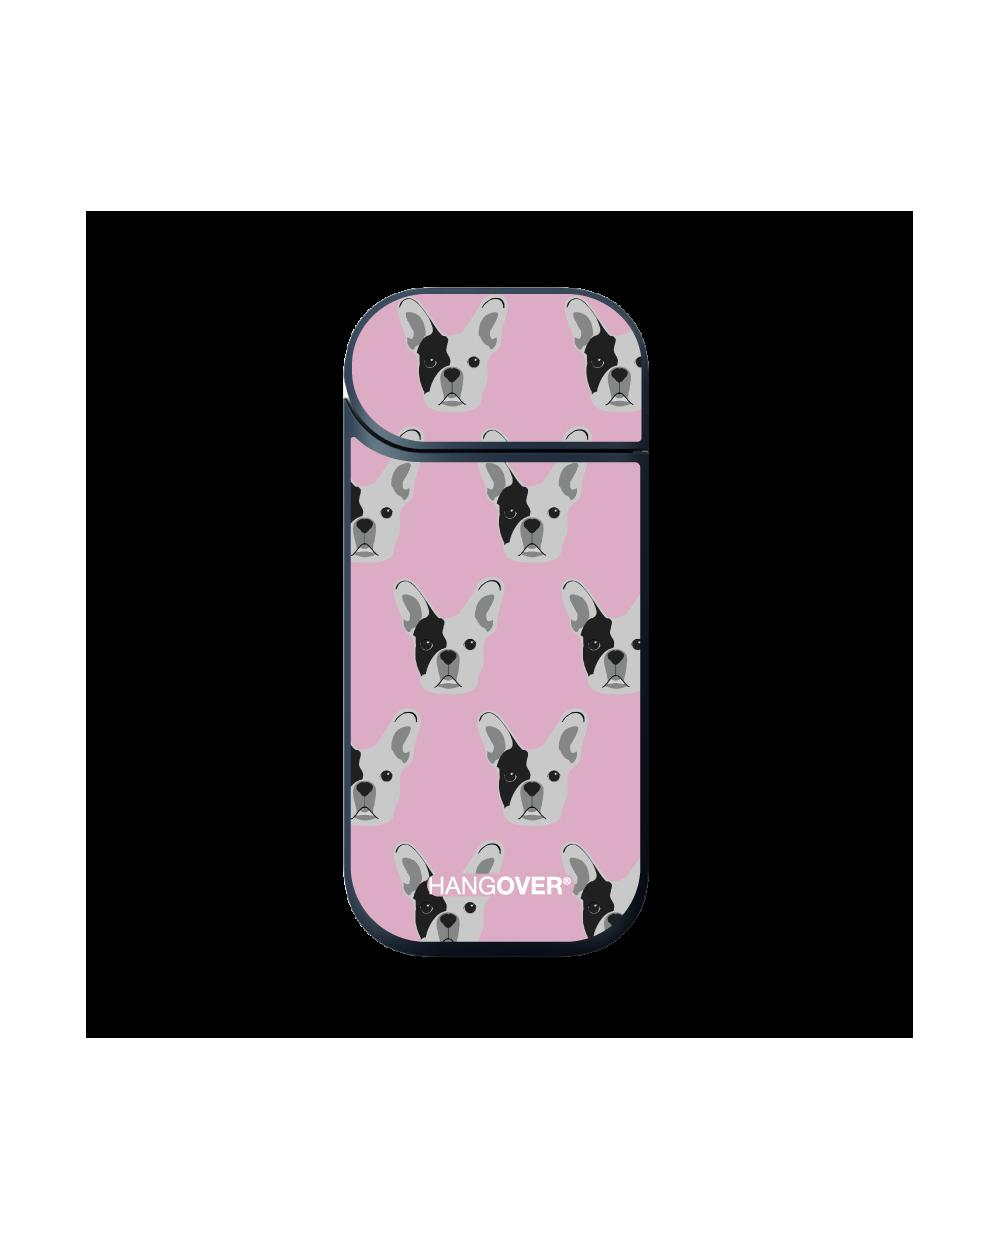 French Bulldog - Cover SmartSkin Adesiva in Resina Speciale per Iqos 2.4 e 2.4 plus by Hangover